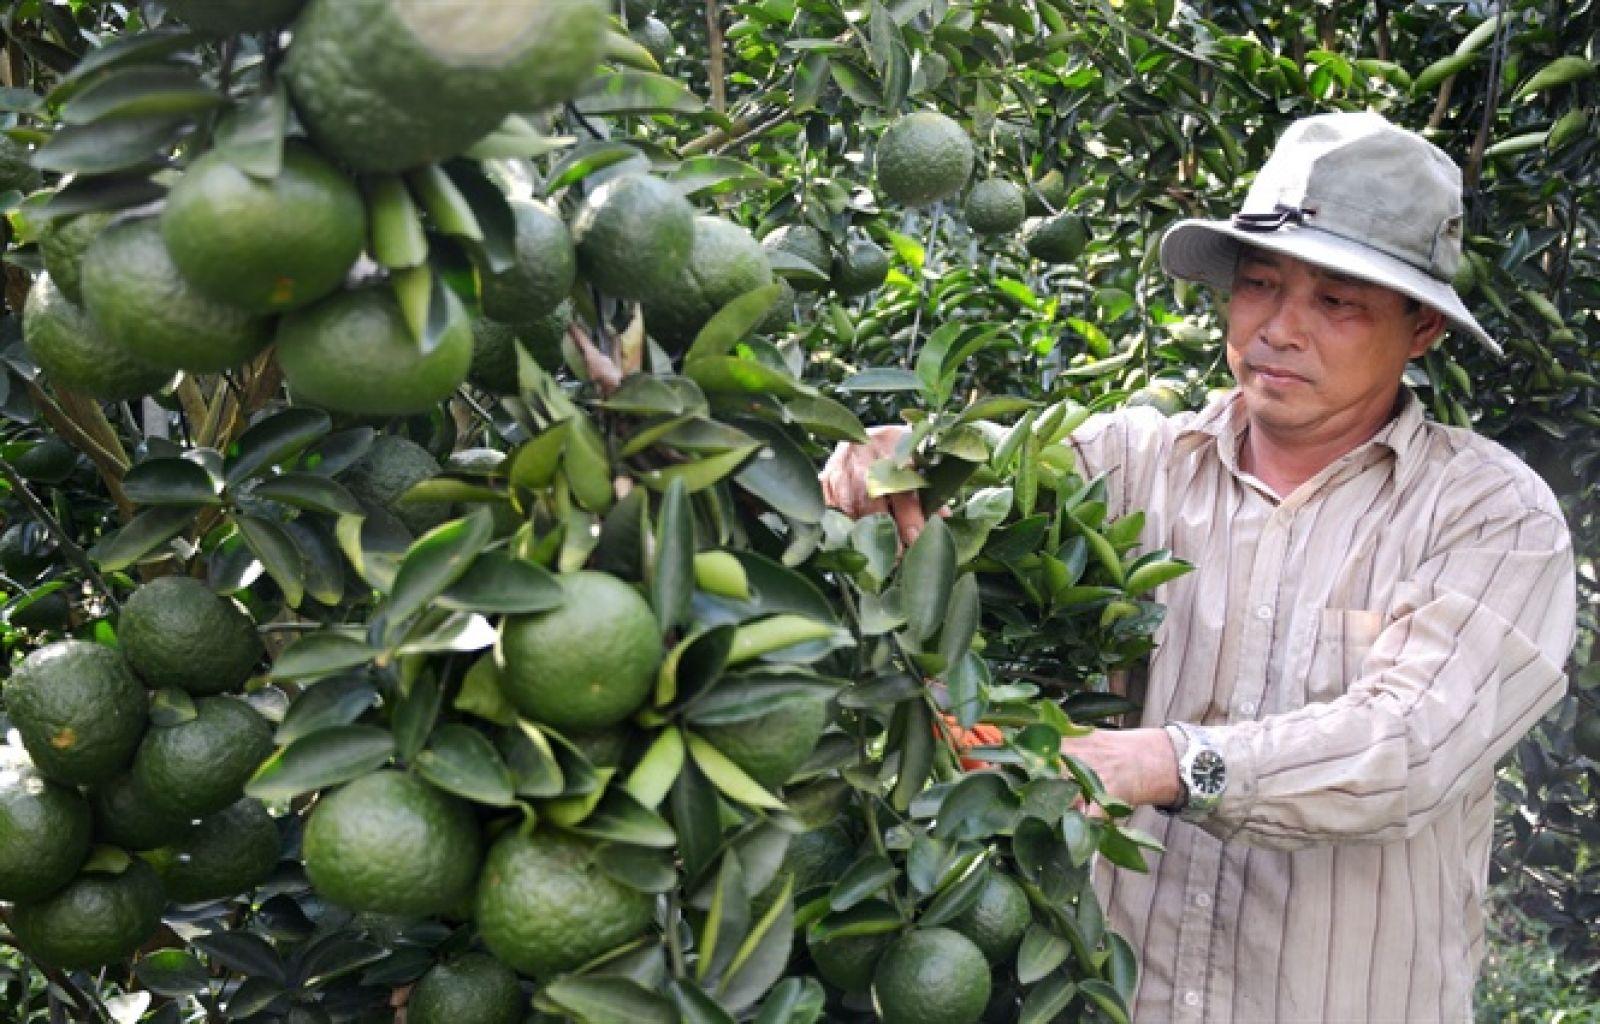 Để sản xuất thành công cam sành trên đất phèn, anh Chánh rất siêng năng và kiên trì bám trụ